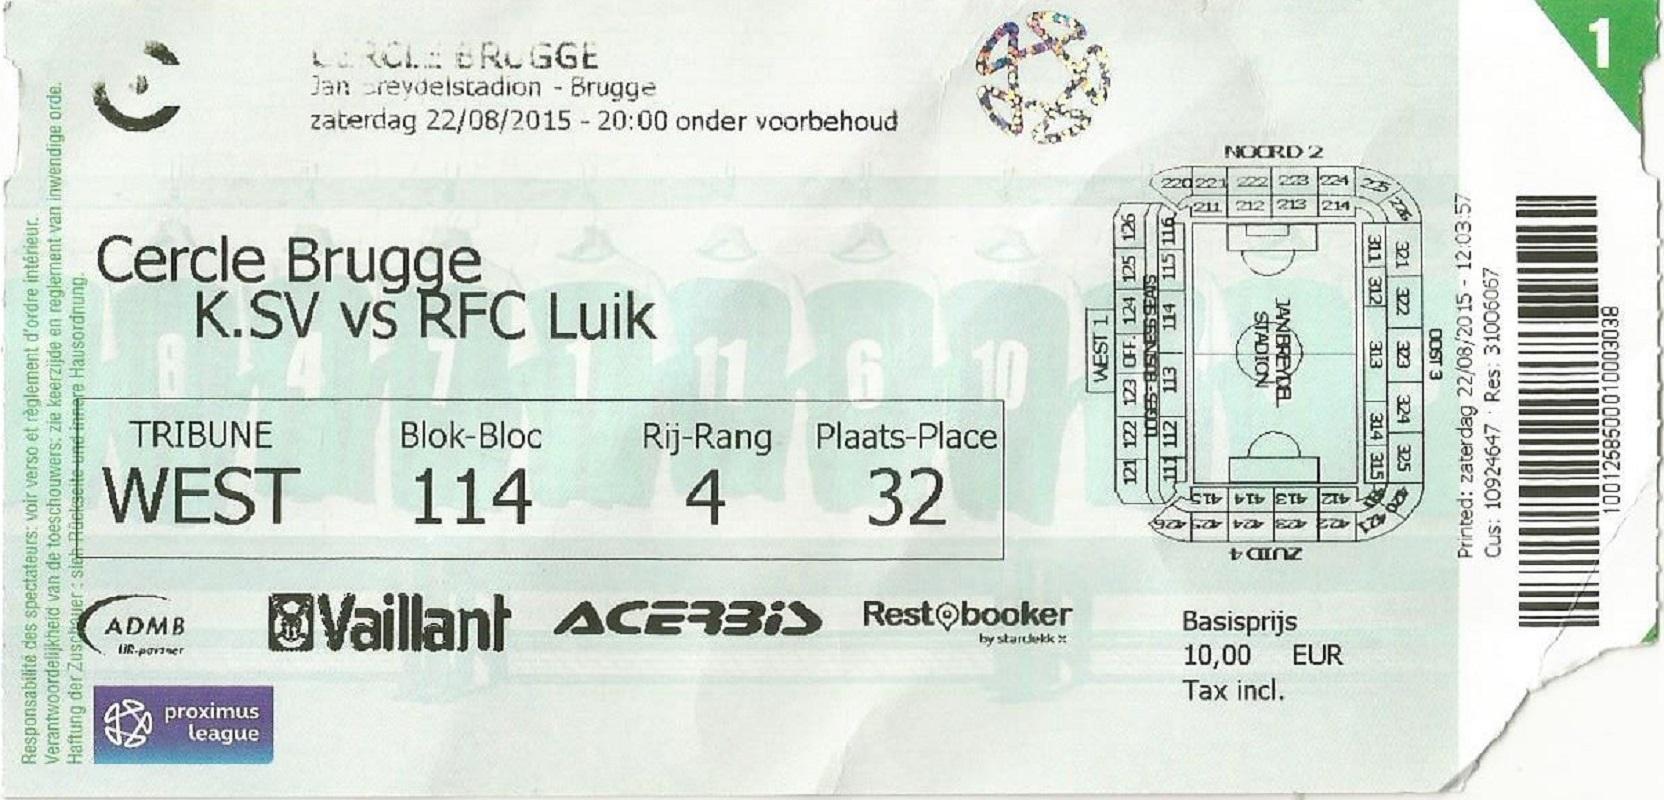 Houd je er net als ik van om wedstrijden van oude ploegen bij te wonen en te verbroederen met hun supporters? Brugge is gezegend met uniek sportief erfgoed: twee eeuwenoude ploegen in hetzelfde stadion. Als supporter van Cercle Brugge, heb ik een 'Voetbal in Brugge' arrangement uitgewerkt voor mijn B&B. Ik zorg voor de tickets en je bent bijzonder welkom om met mij en mijn vrienden mee te gaan naar de wedstrijd. Check het 'Voetbal in Brugge' arrangement op bb-emma.be!